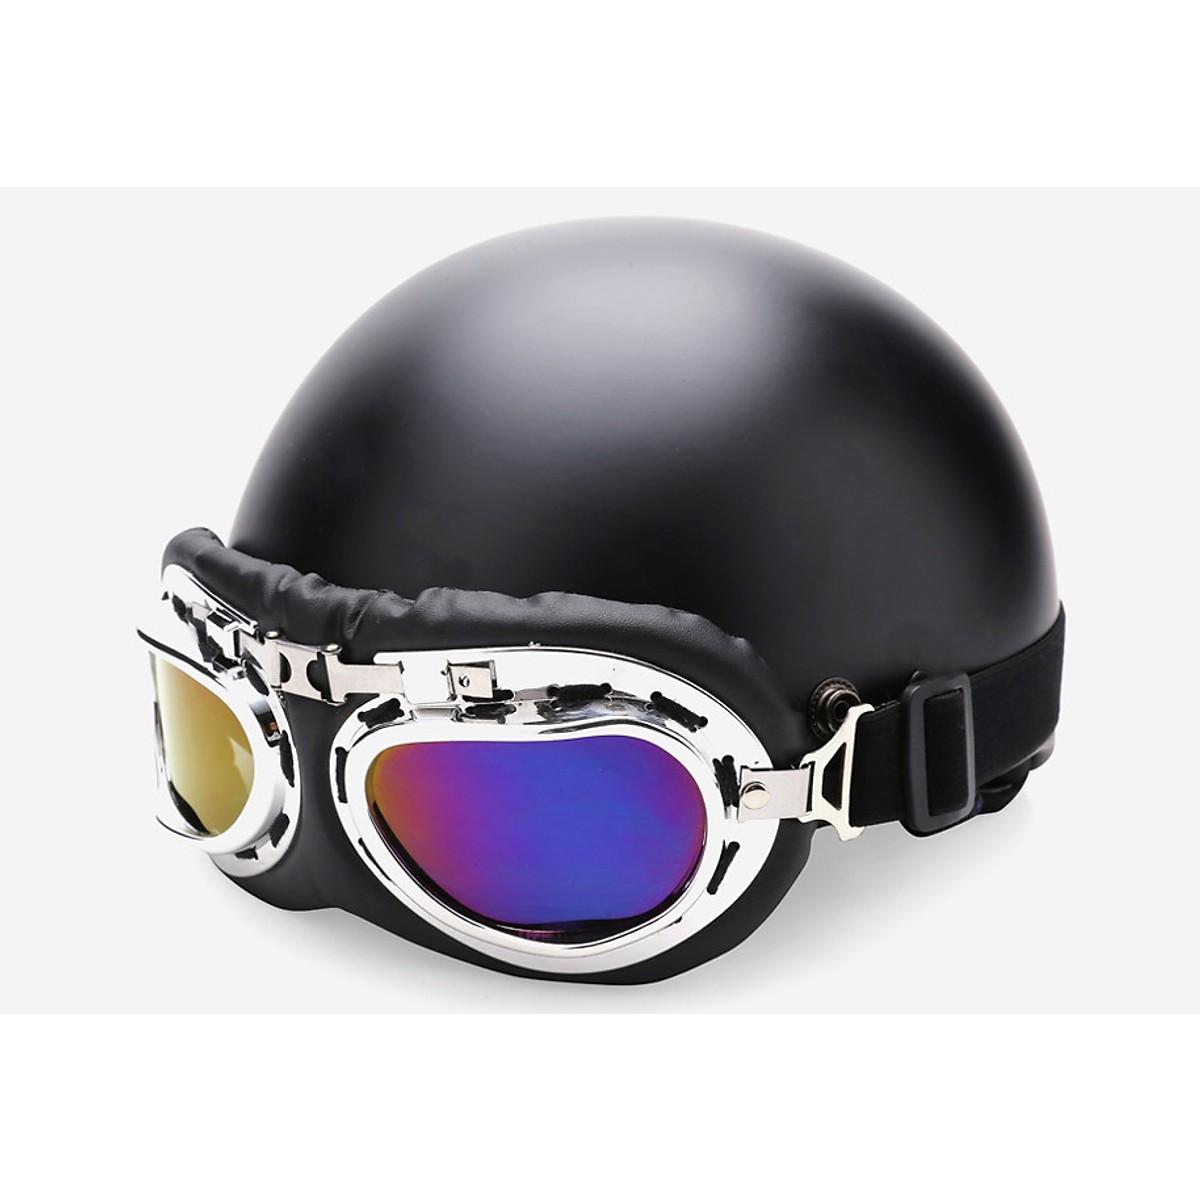 Combo mũ bảo hiểm phượt 1/2 đầu đen trơn + kính phi công màu ngẫu nhiên